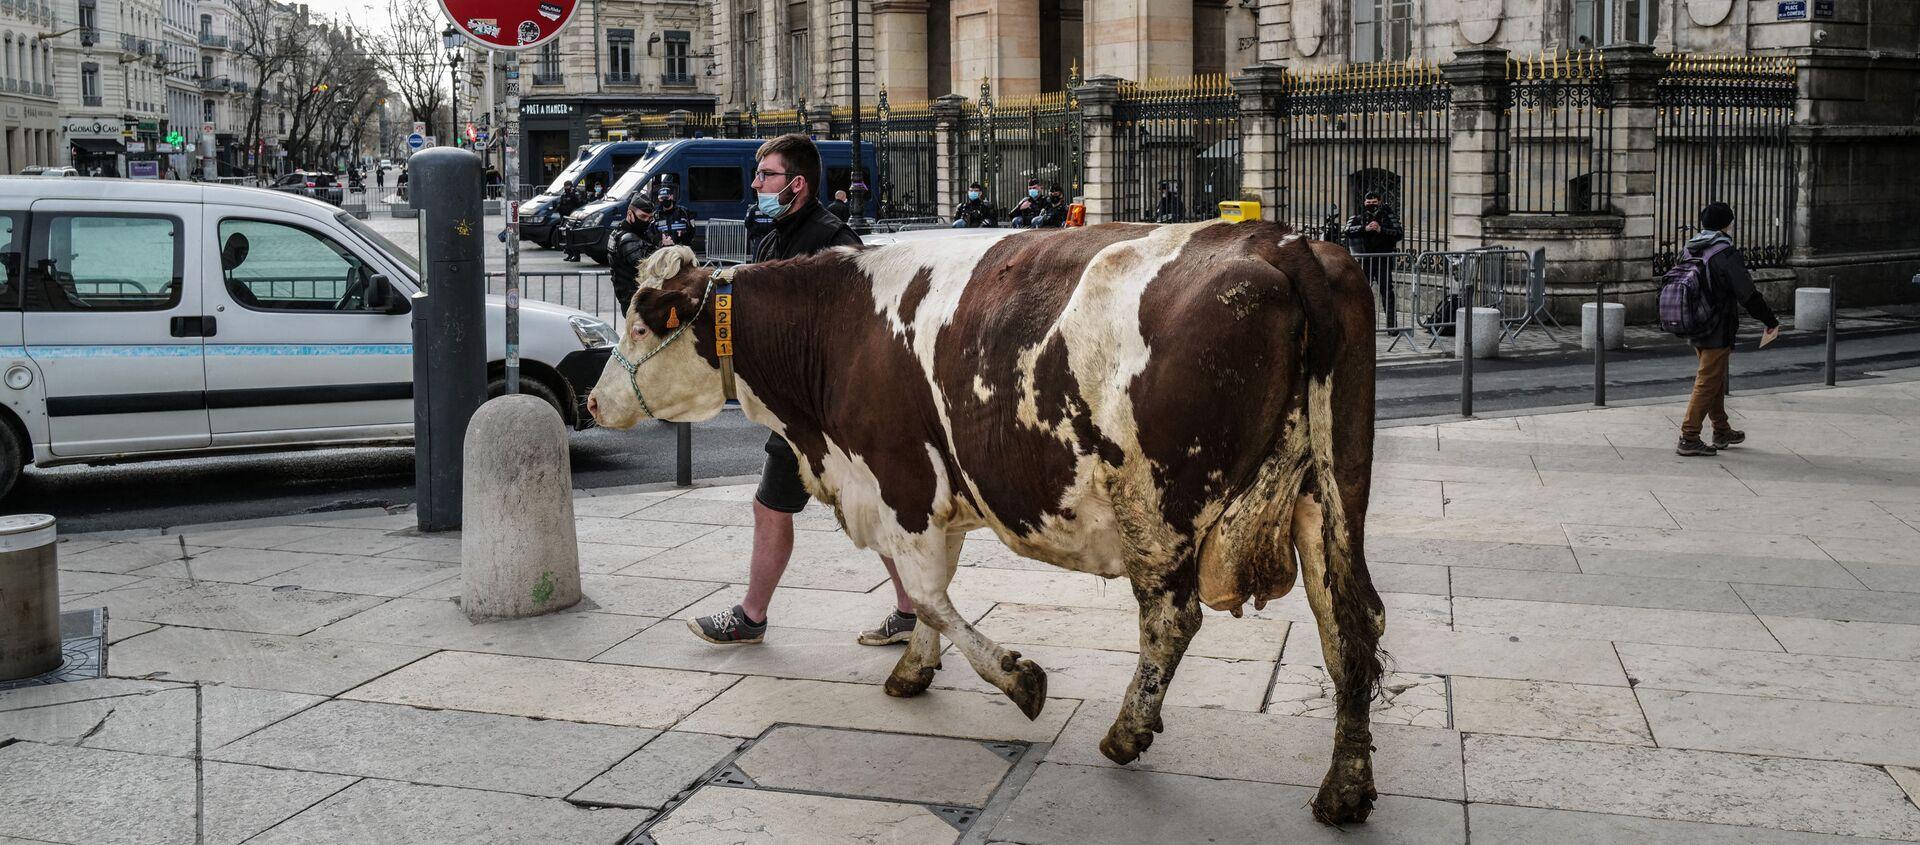 Фермер выгуливает корову перед мэрией Лиона во время акции против предложения исключить мясо из меню школьных столовых - Sputnik Азербайджан, 1920, 28.02.2021